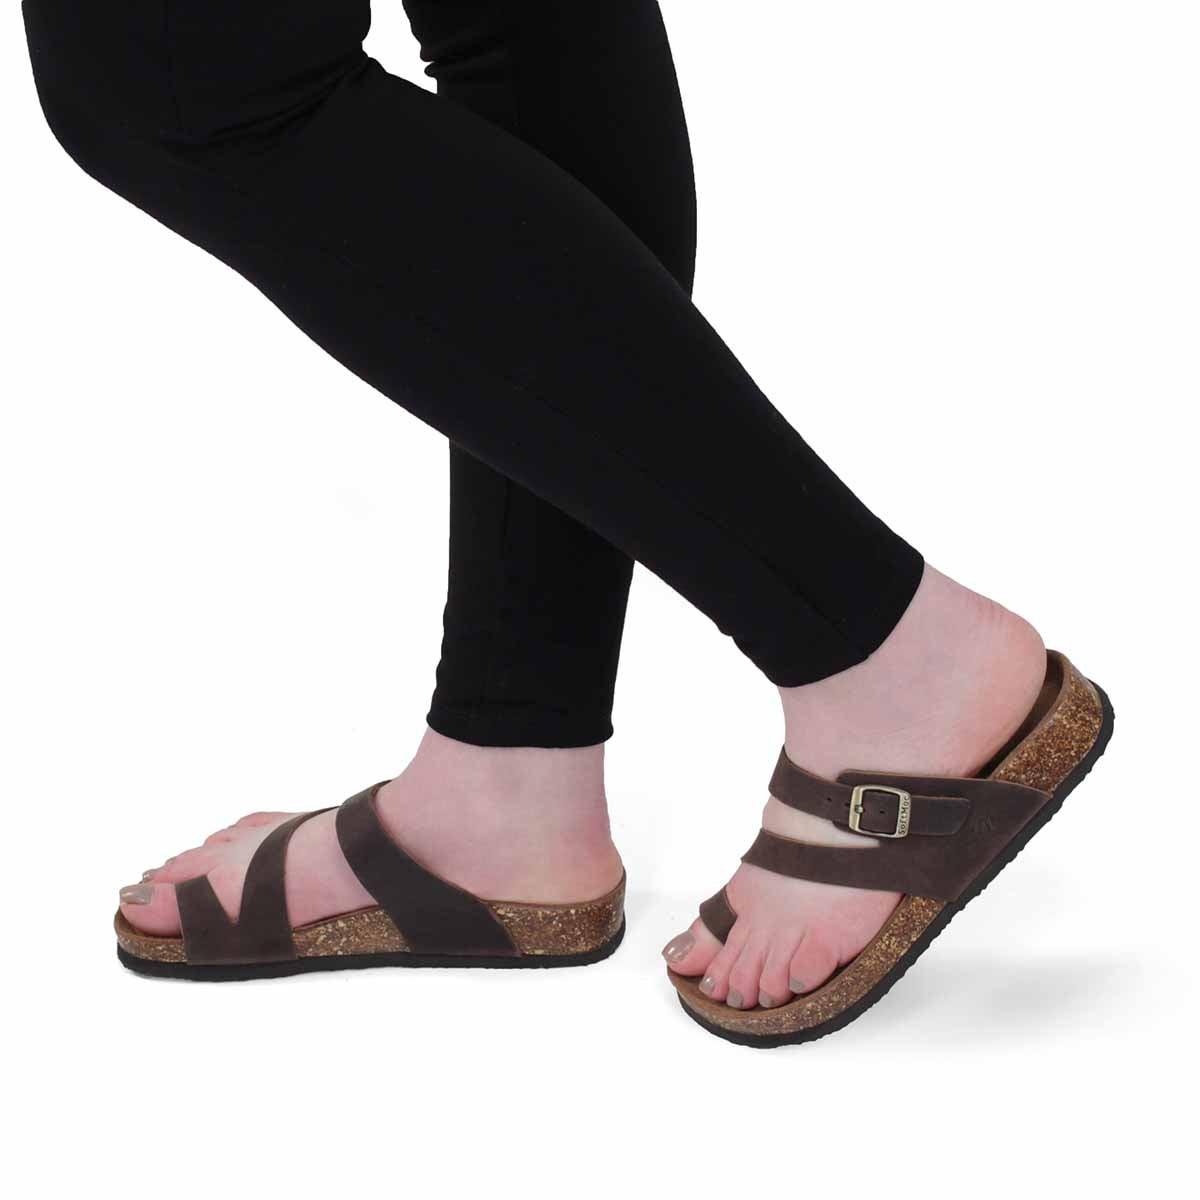 Lds Aileen 5 brn crz memory foam sandal